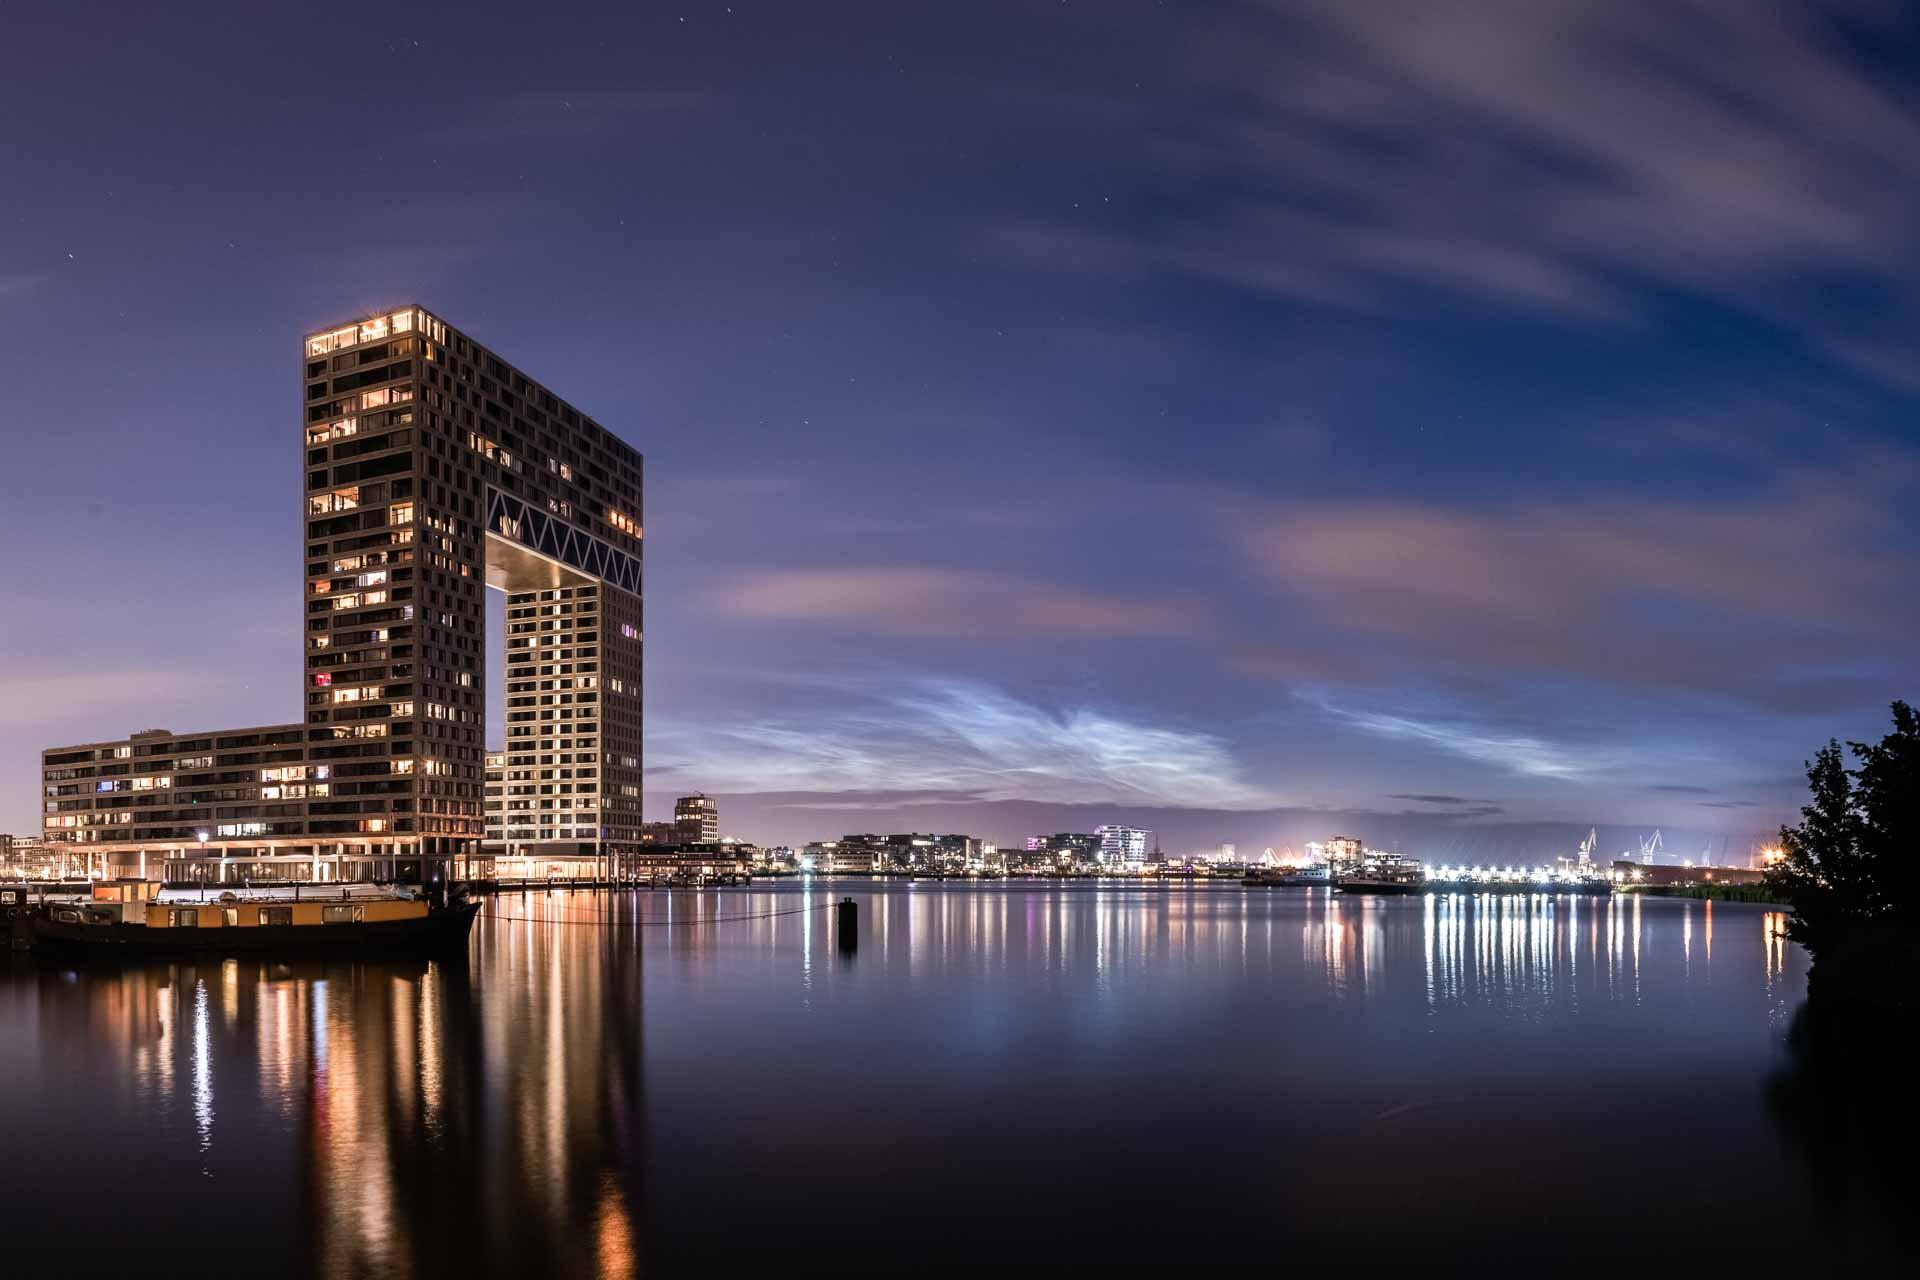 Lichtende nachtwolken in Amsterdam Pontsteiger